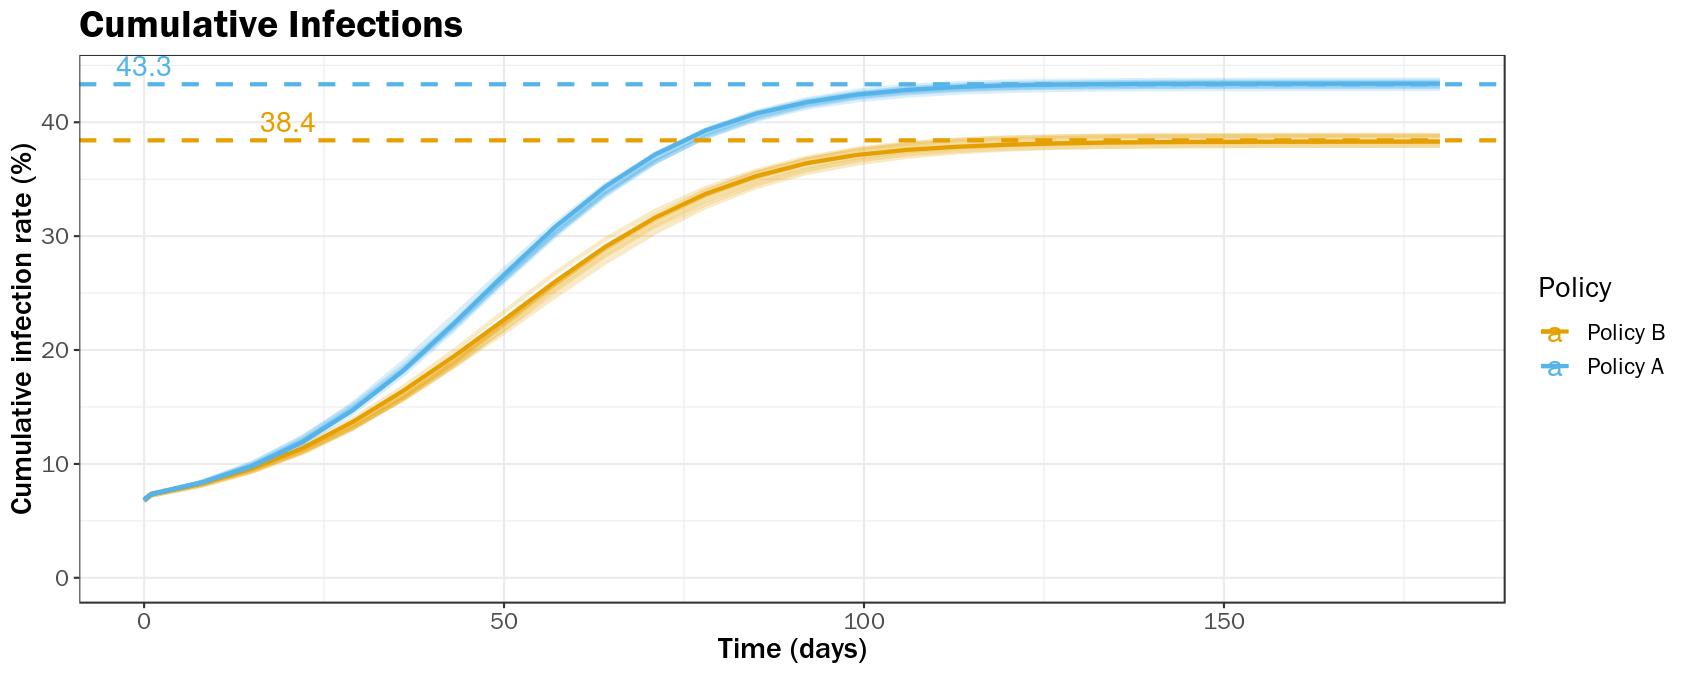 Figure 3C-ii Cumulative Infections